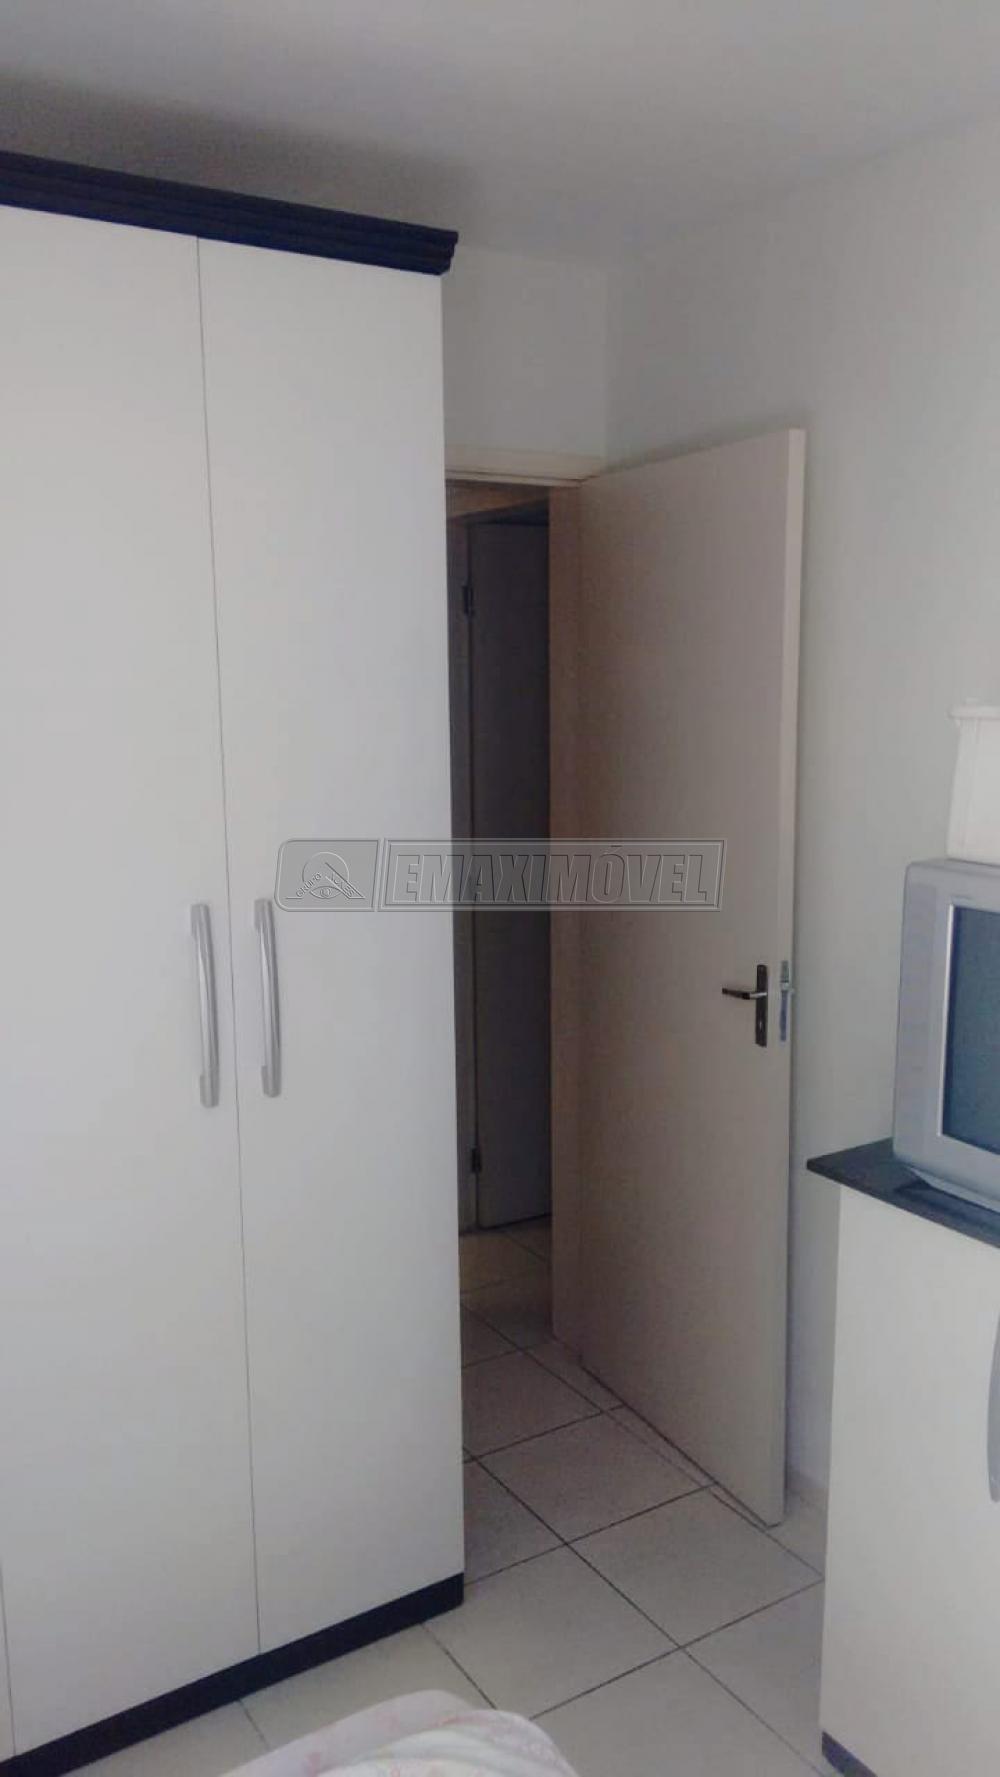 Comprar Casas / em Condomínios em Sorocaba apenas R$ 235.000,00 - Foto 11